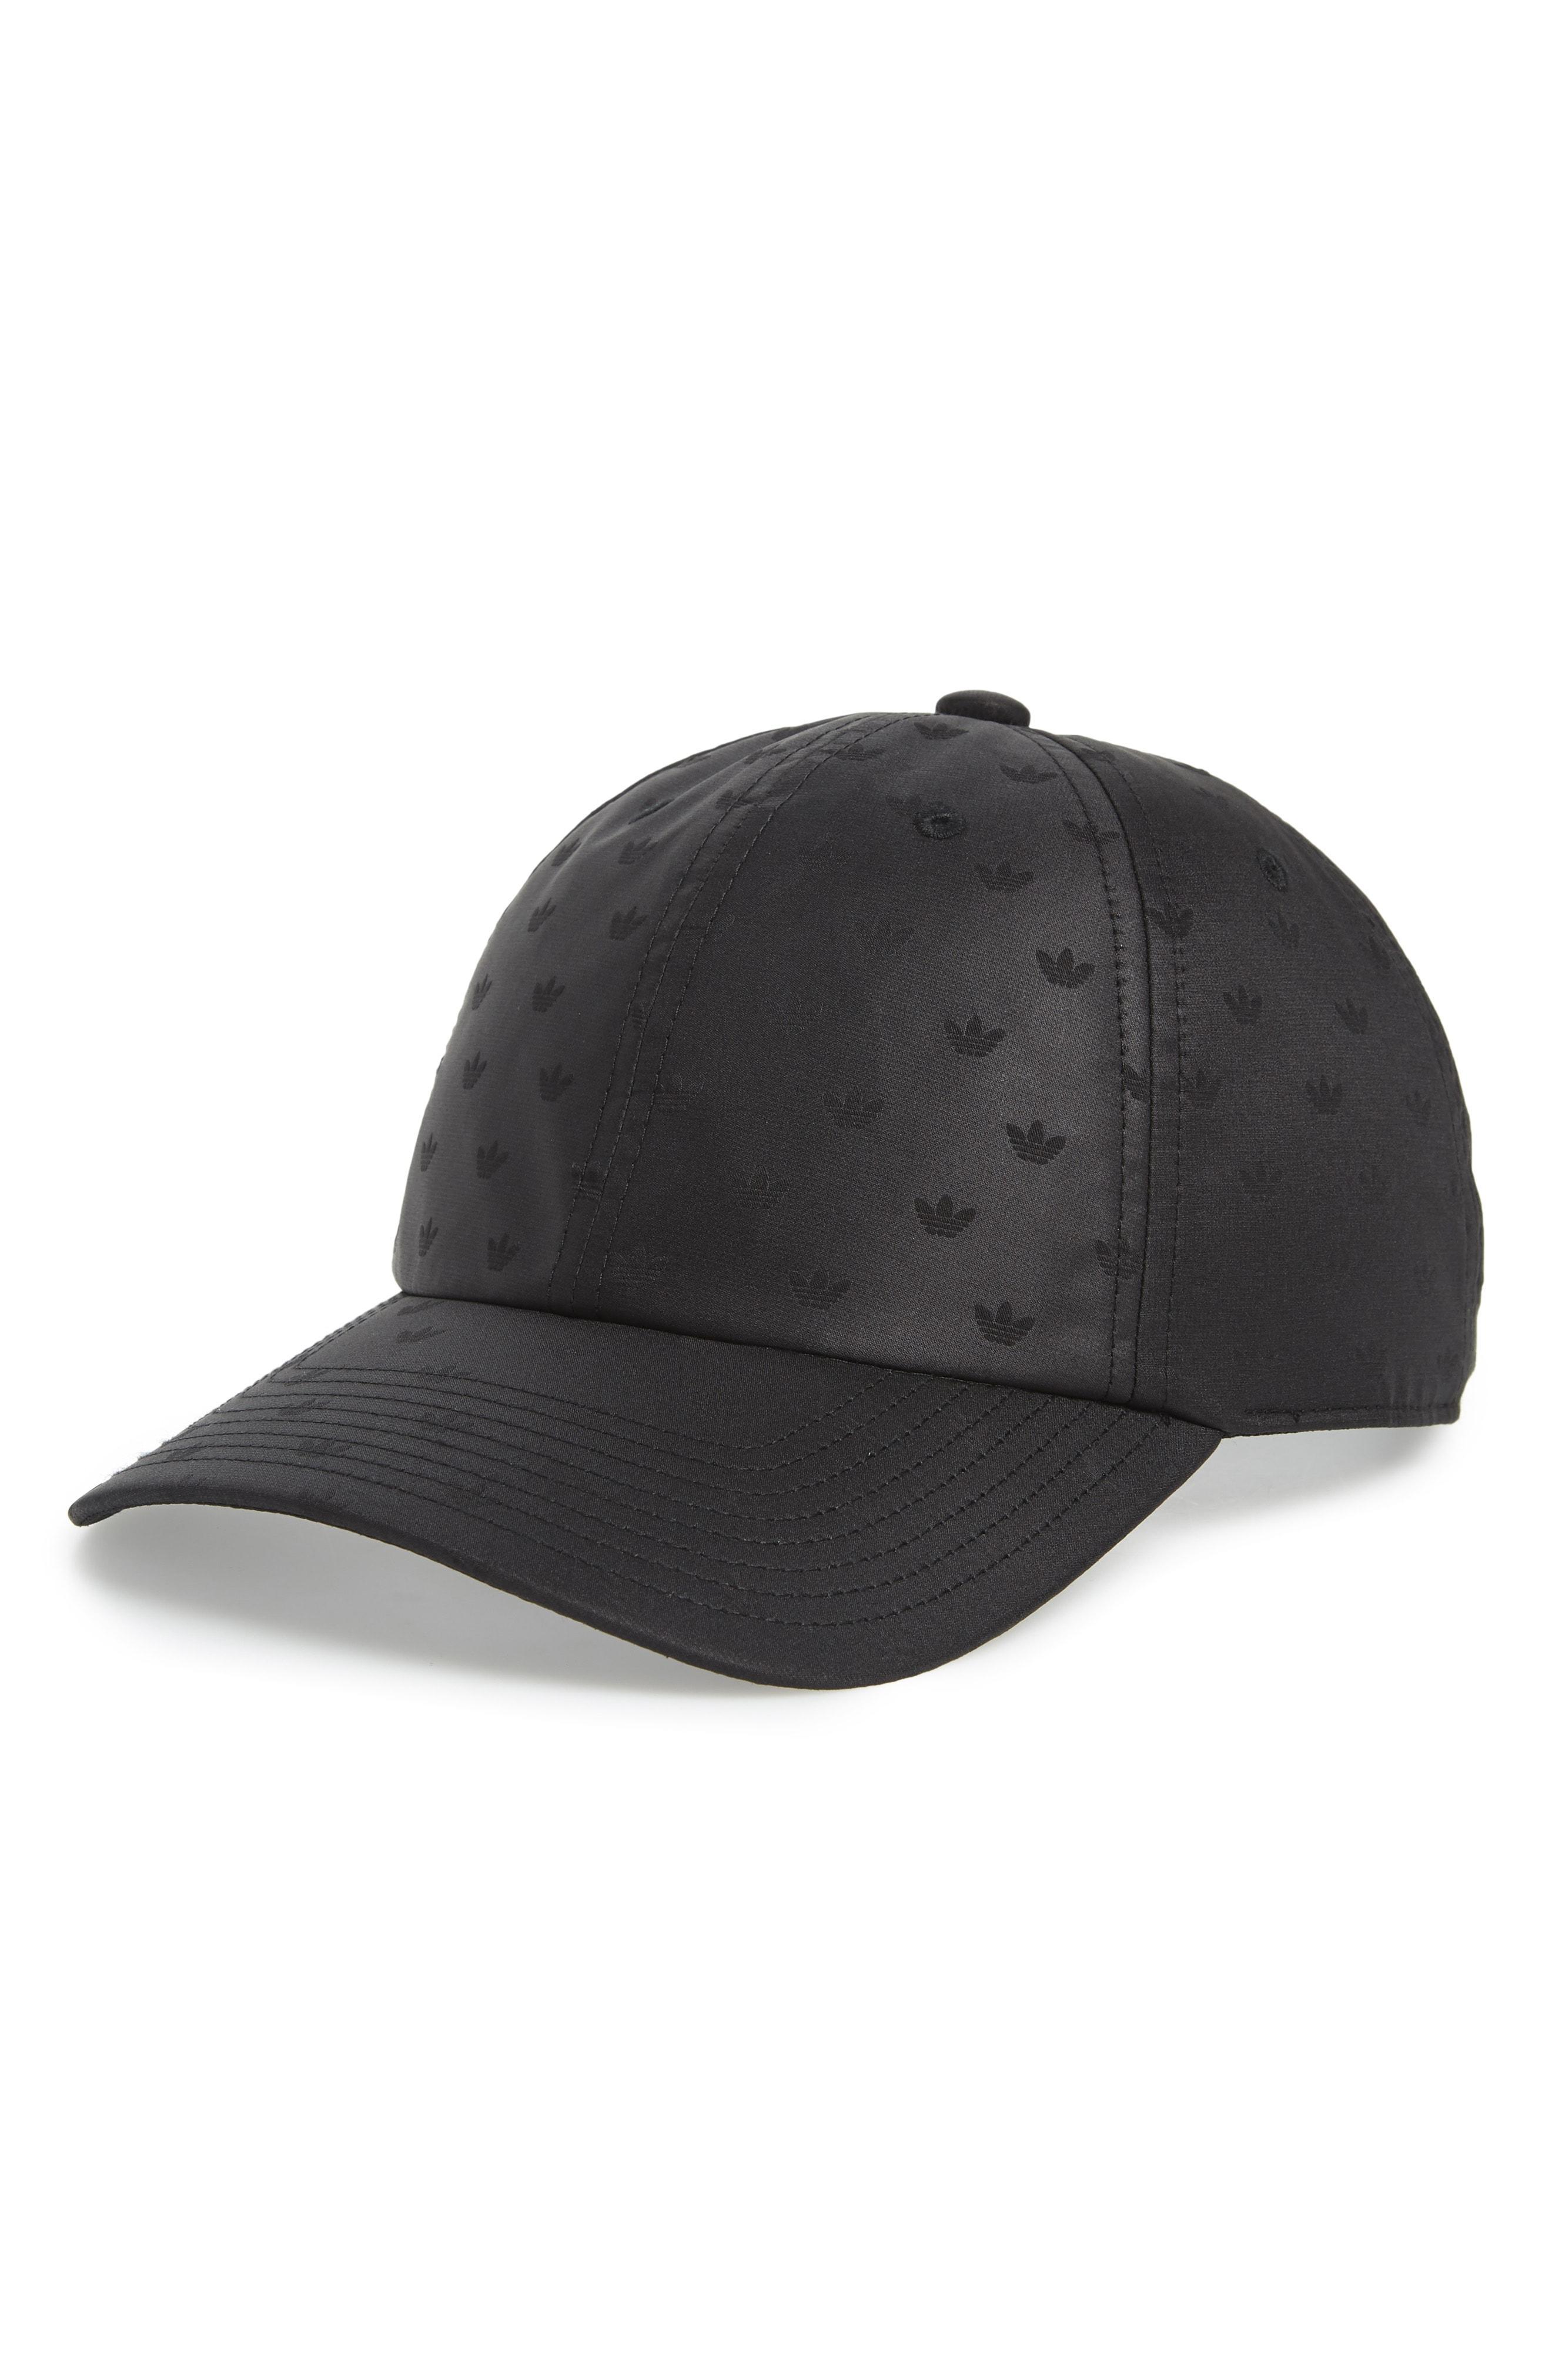 low cost 14ecc 3e42c adidas. Women s Black Originals Mini Trefoil Debossed Relaxed Cap